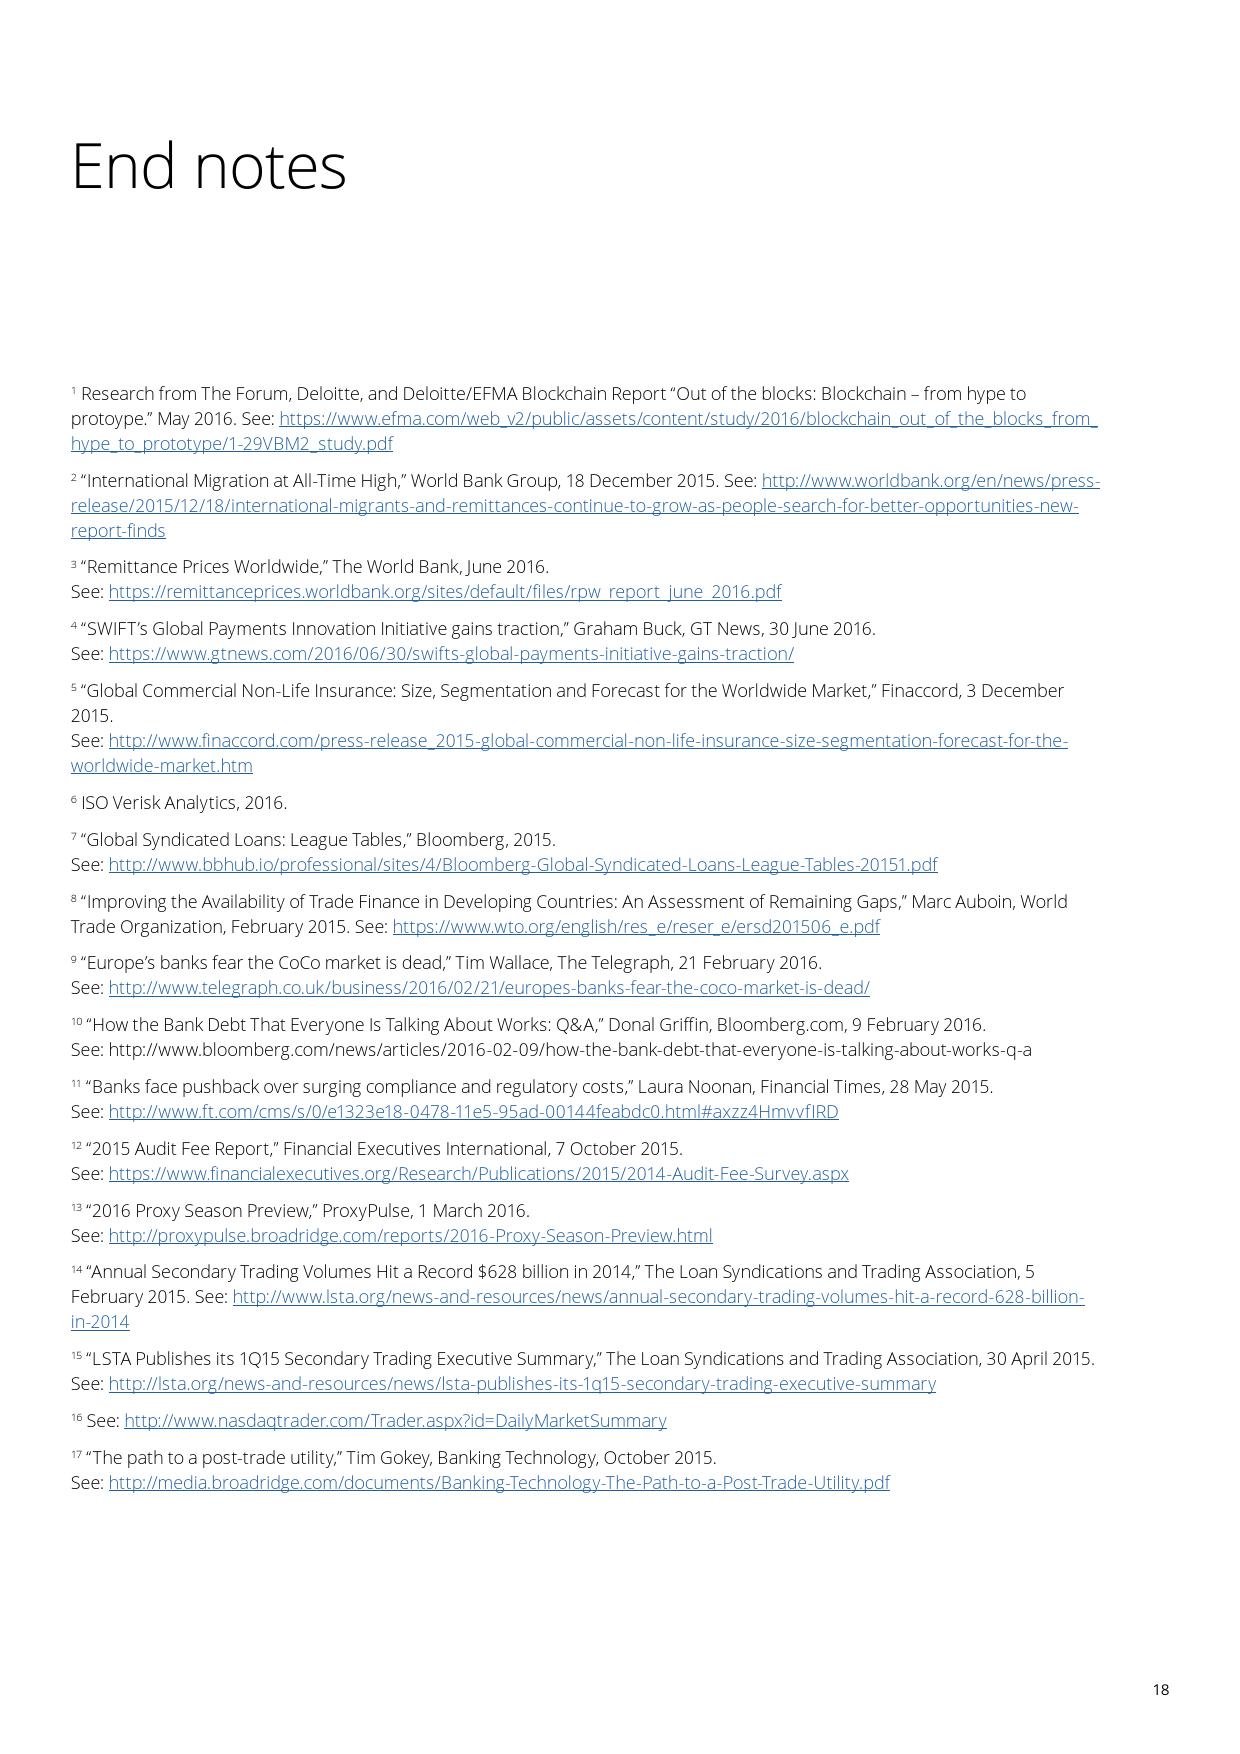 gx-fsi-blockchain-deloitte-summary_000018